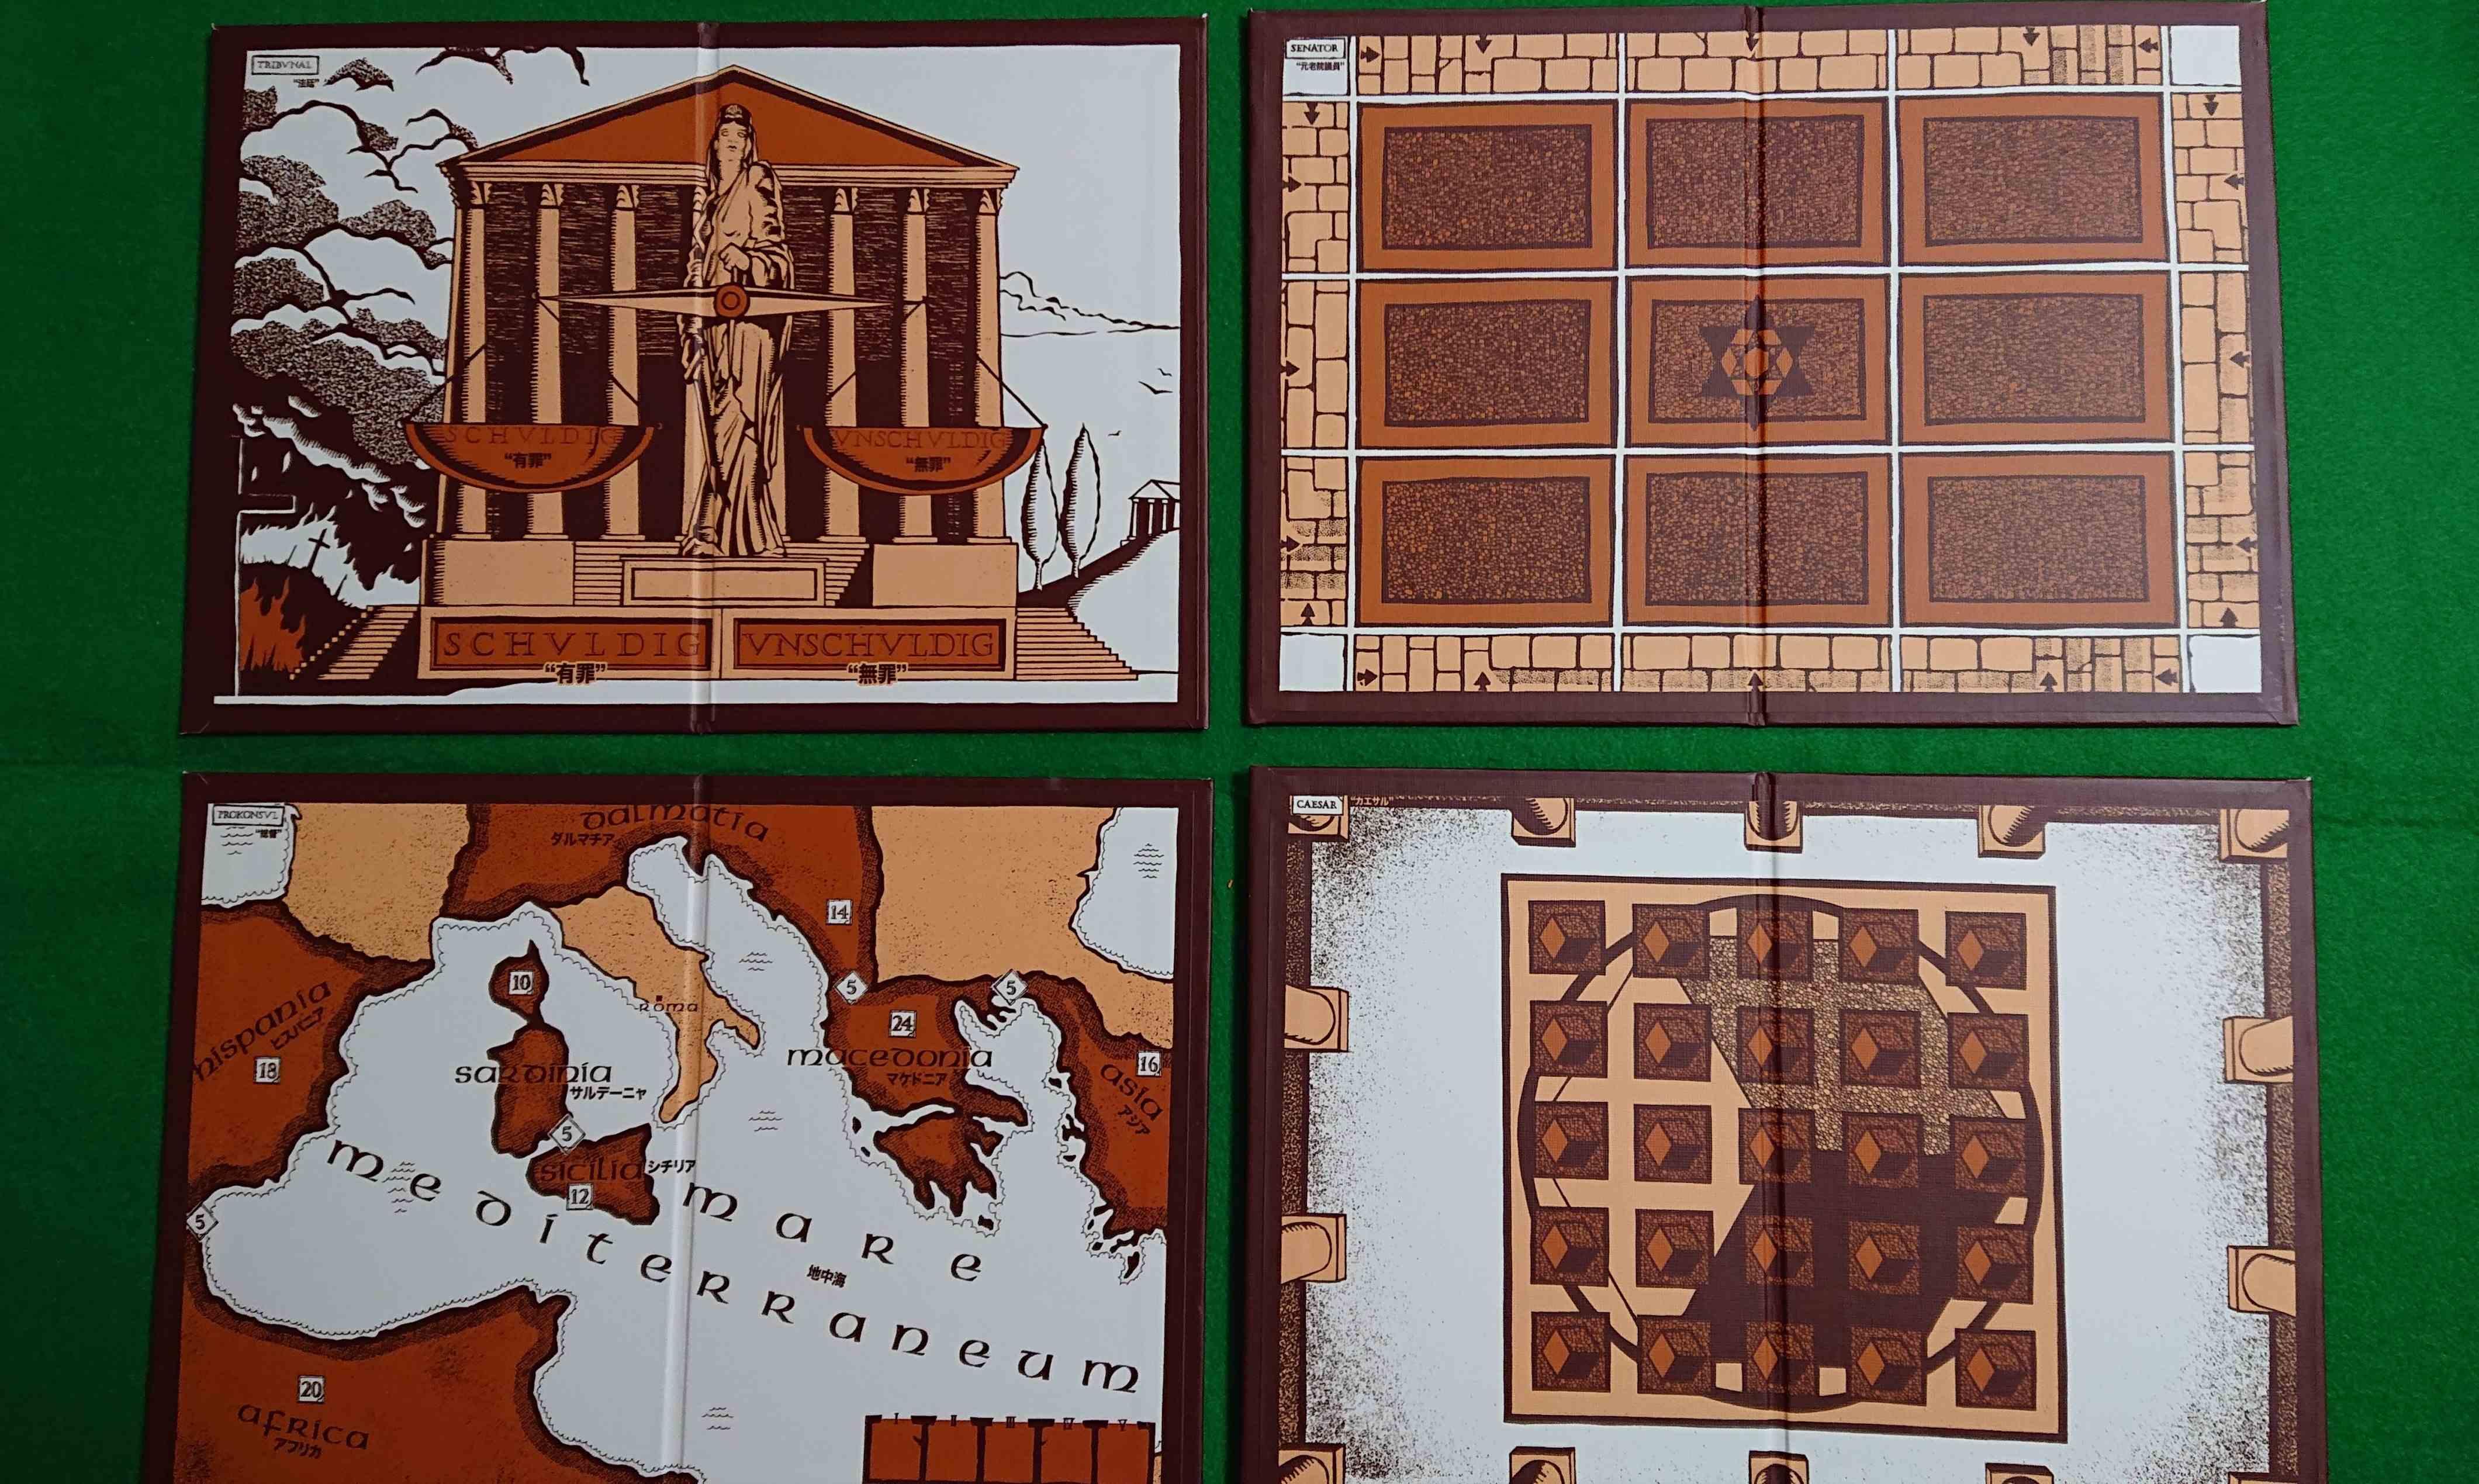 古代ローマの新しいゲーム いろいろなゲーム14種類が1つの箱に! 名作ボードゲーム紹介 ライナークニッツィア